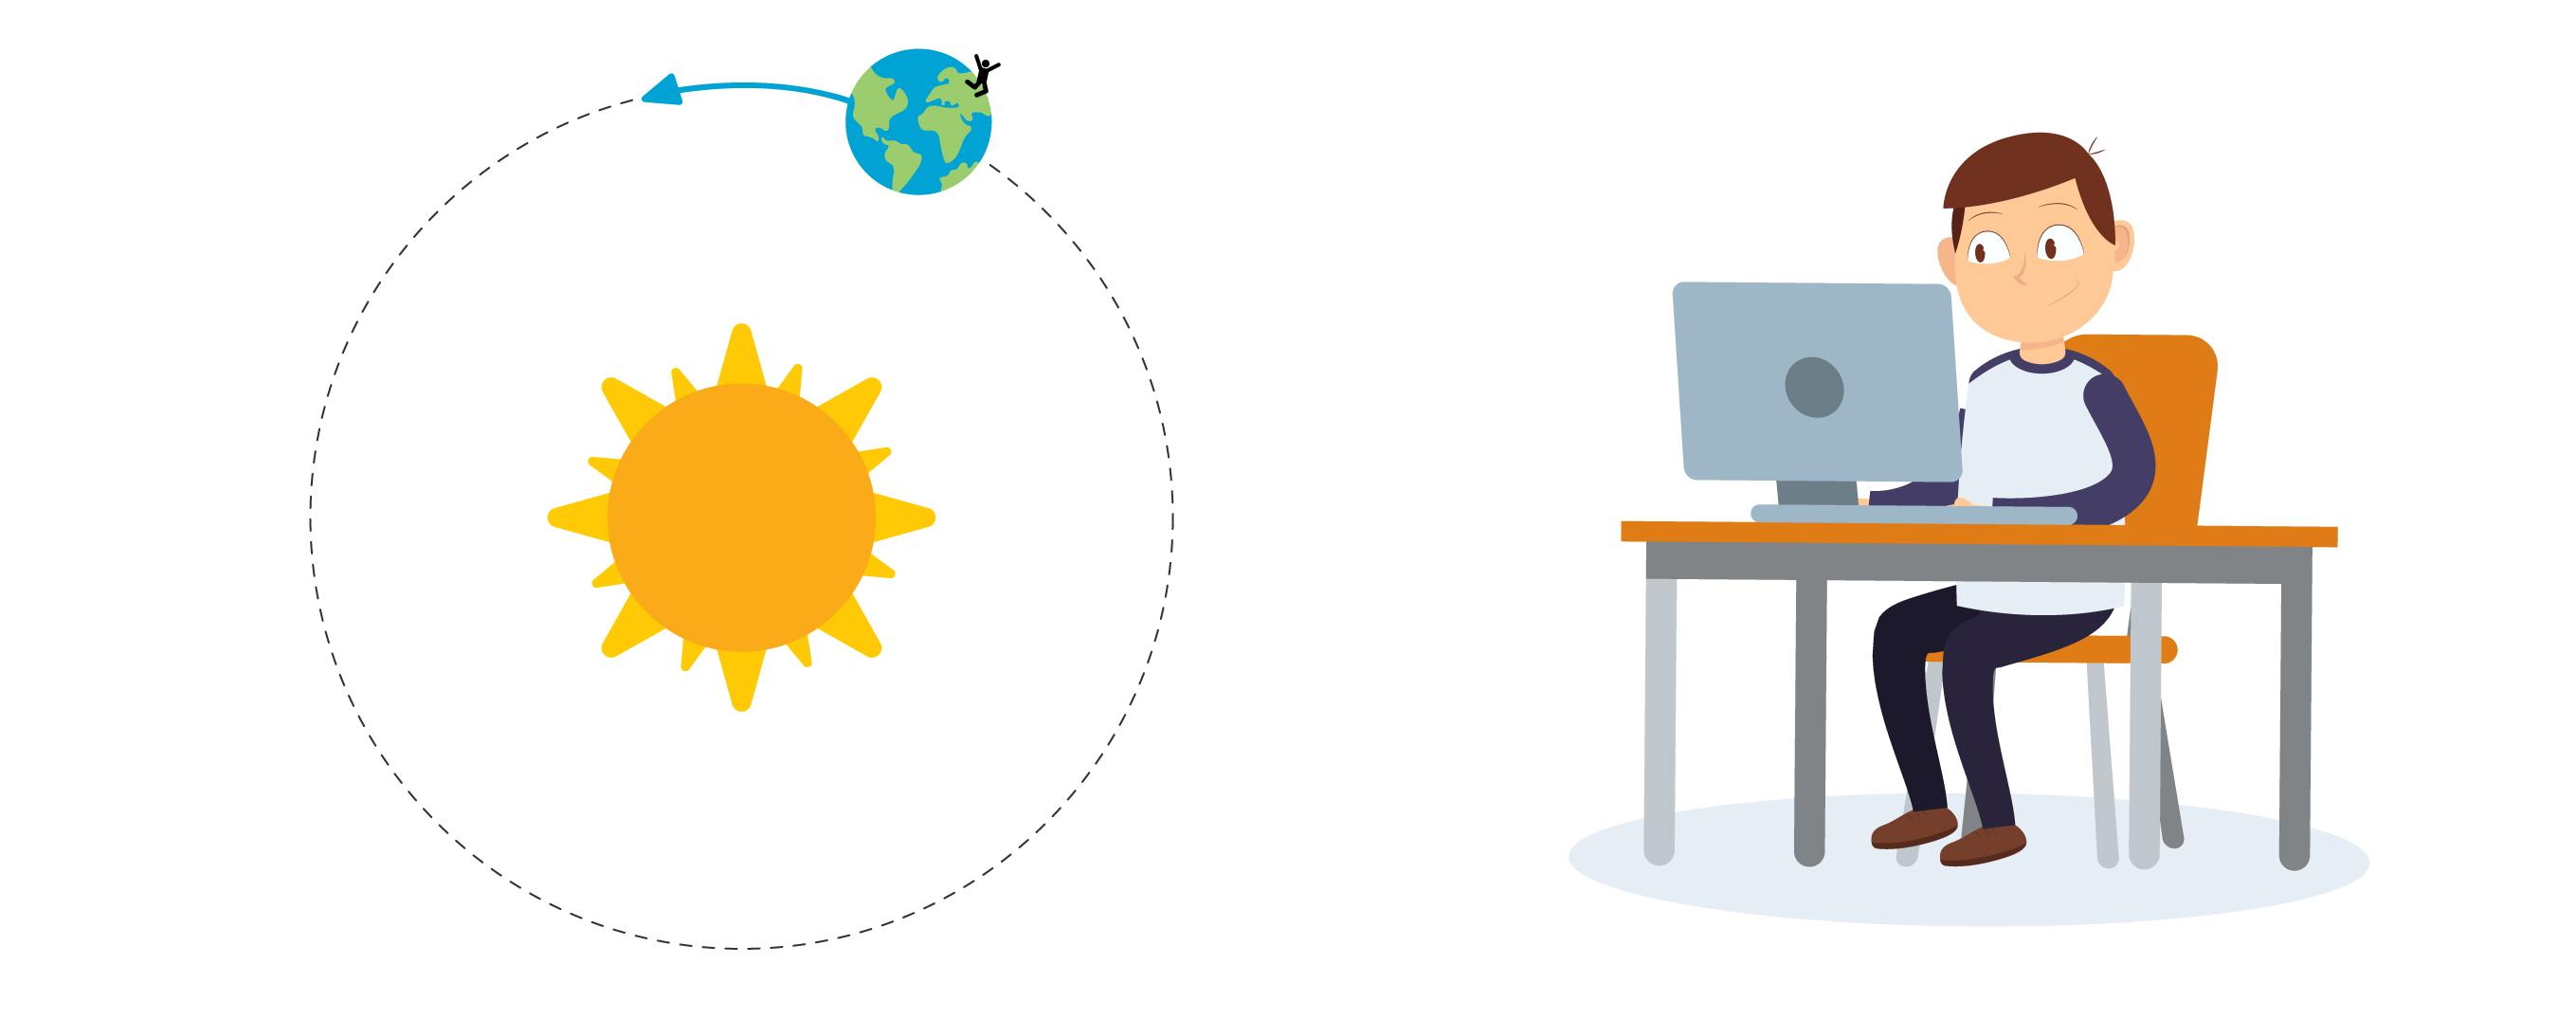 pessoa está em movimento em relação ao Sol, mas em repouso em relação à Terra